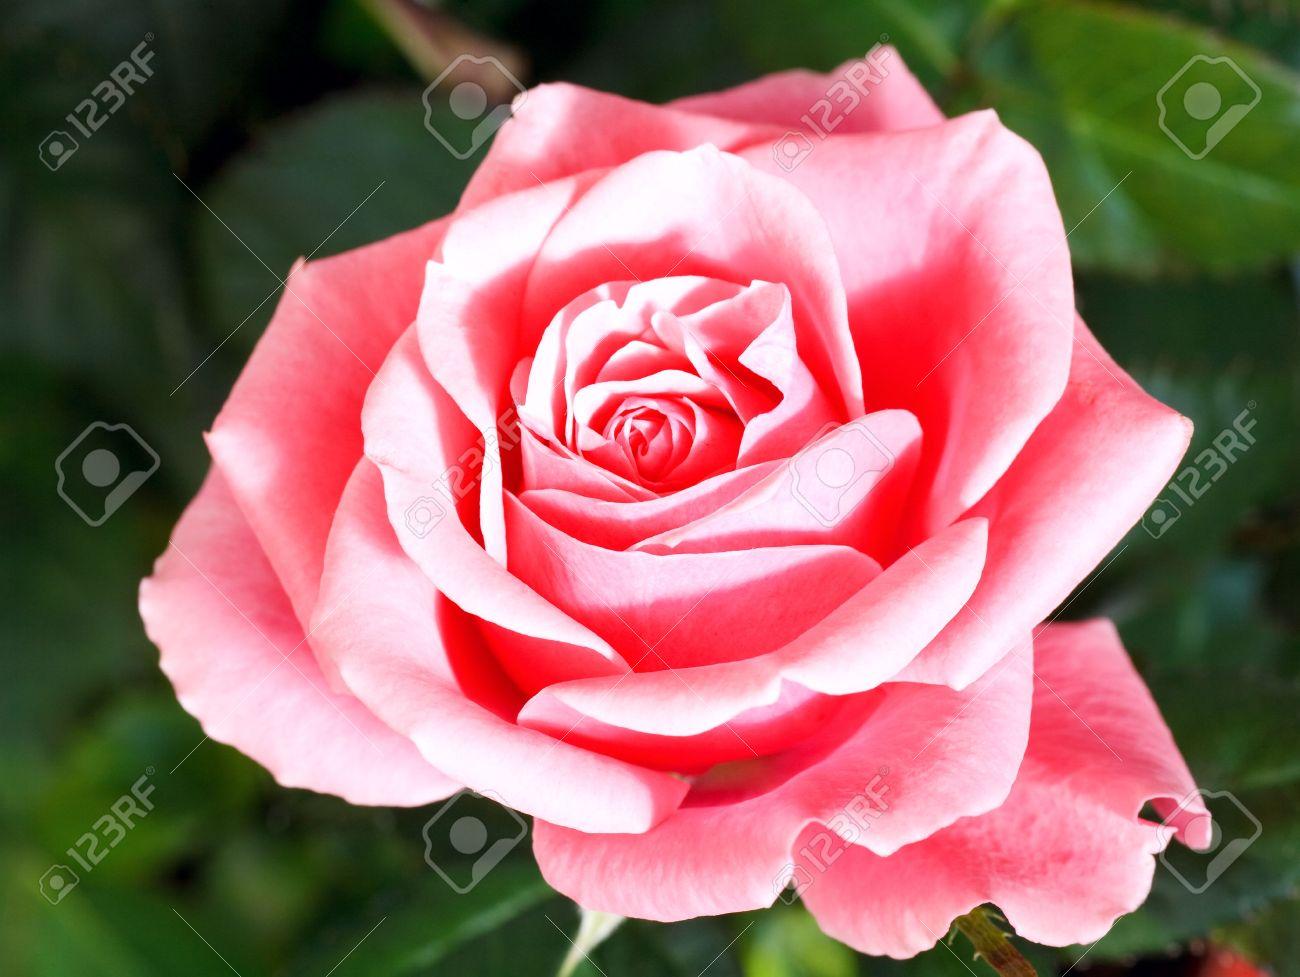 magnifique fleur rose sur lit de fleur été banque d'images et